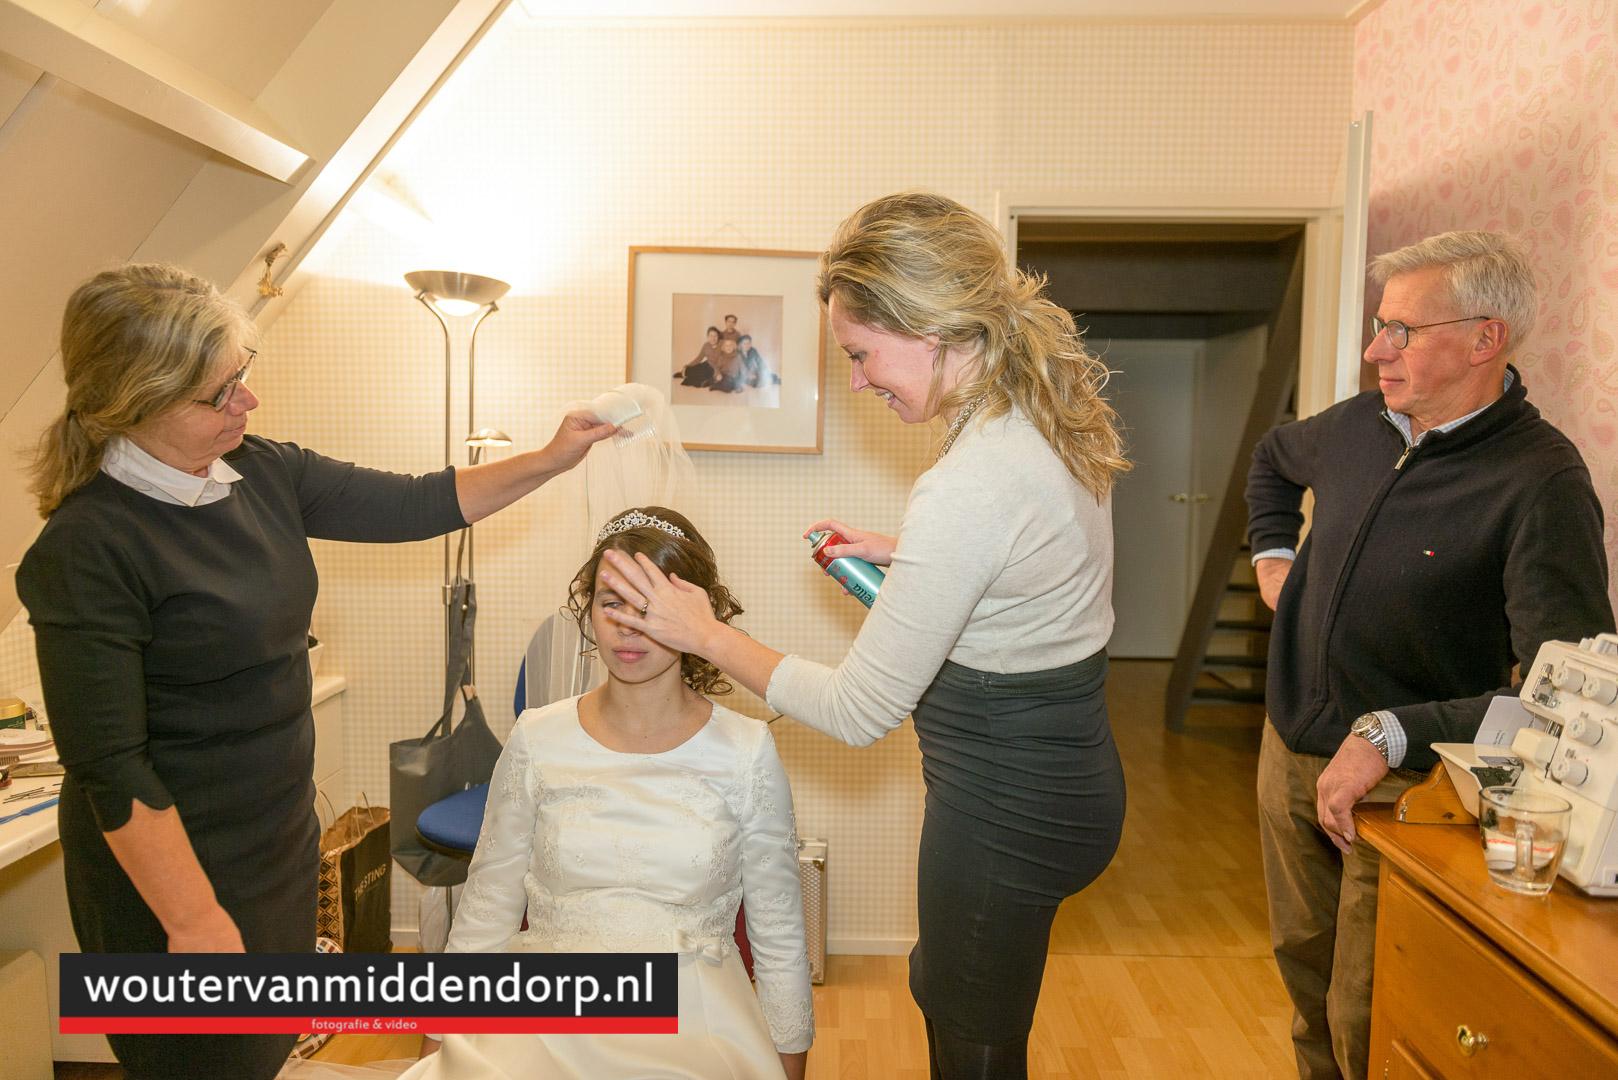 foto Wouter van Middendorp Uddel, Veluwe, Gelderland, trouwfotograaf (3)